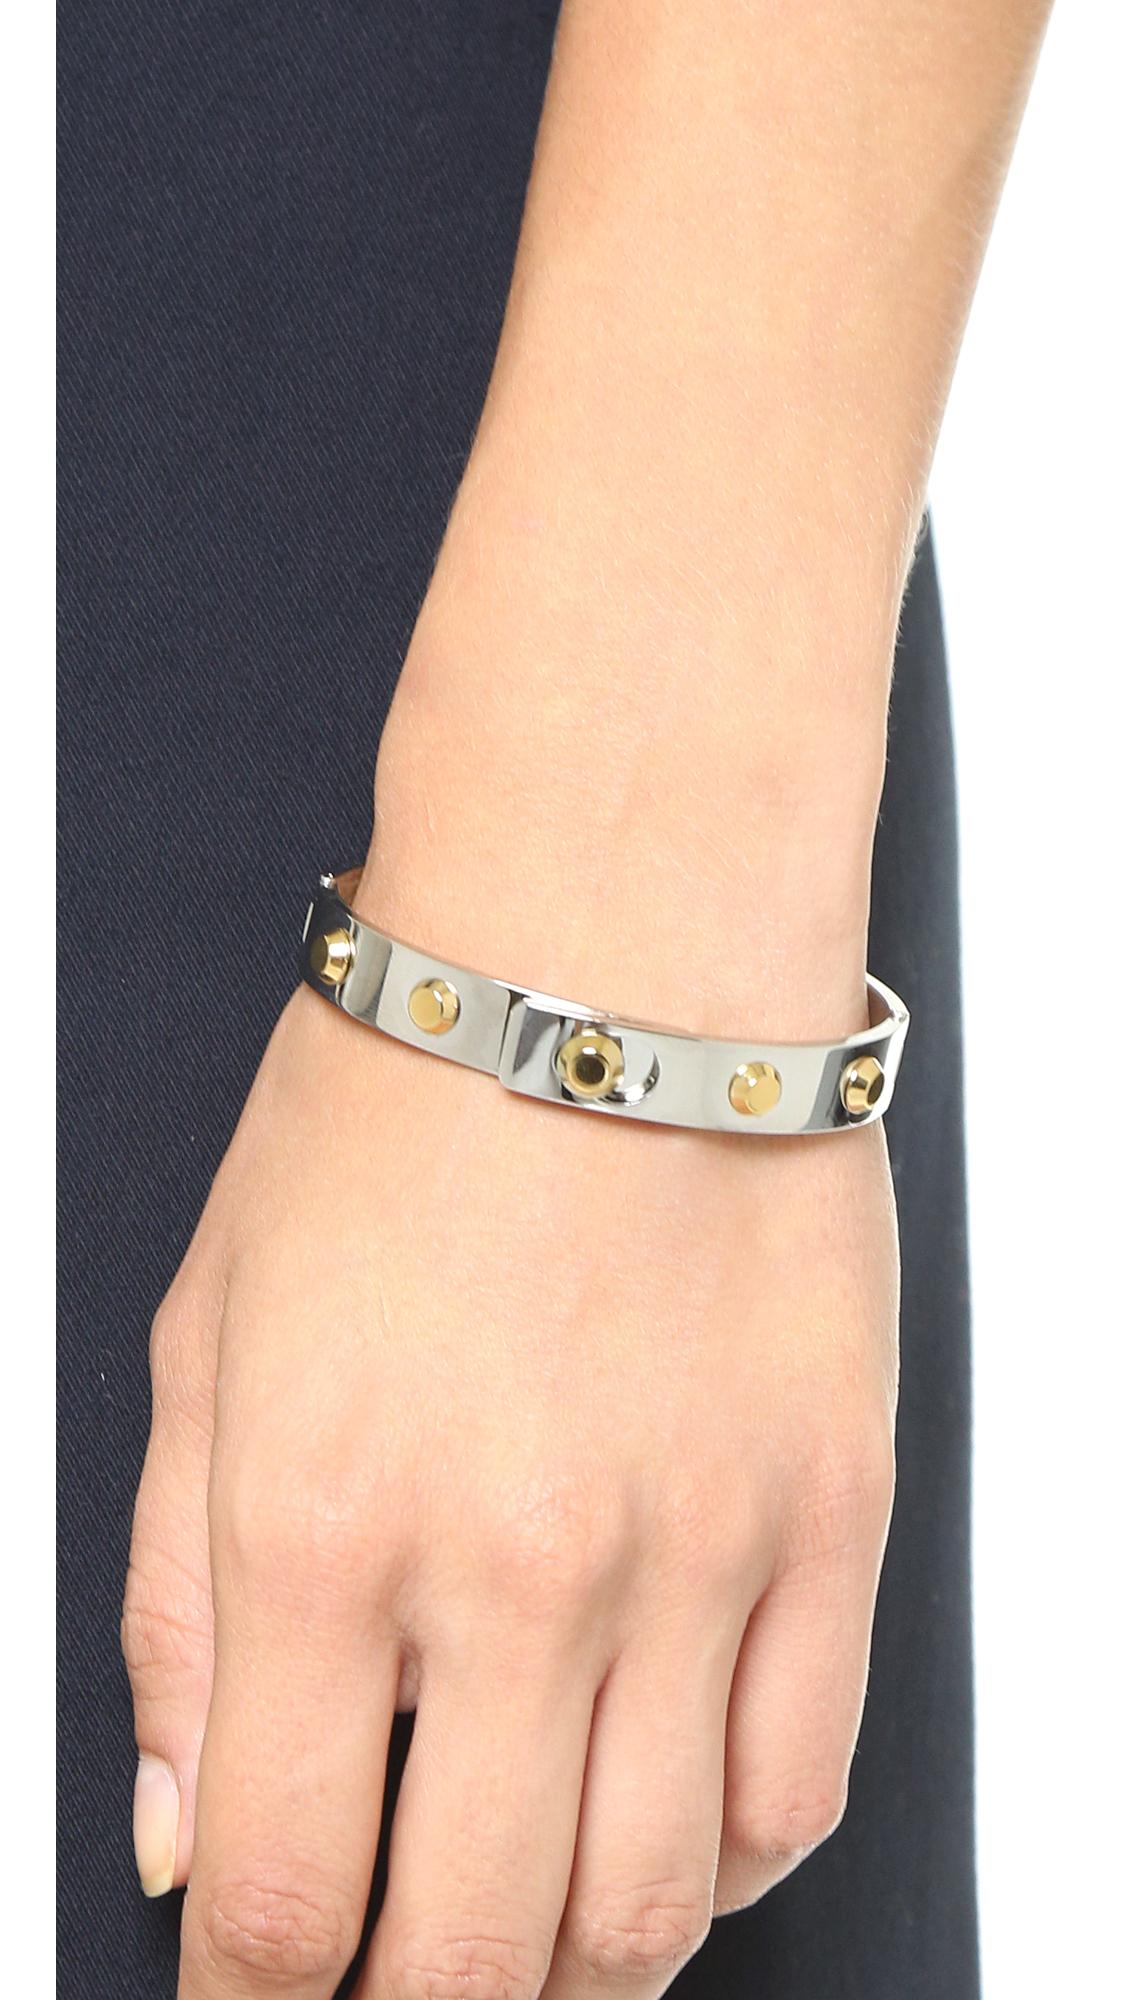 Lyst Michael Kors Astor Hinge Bangle Bracelet In Metallic